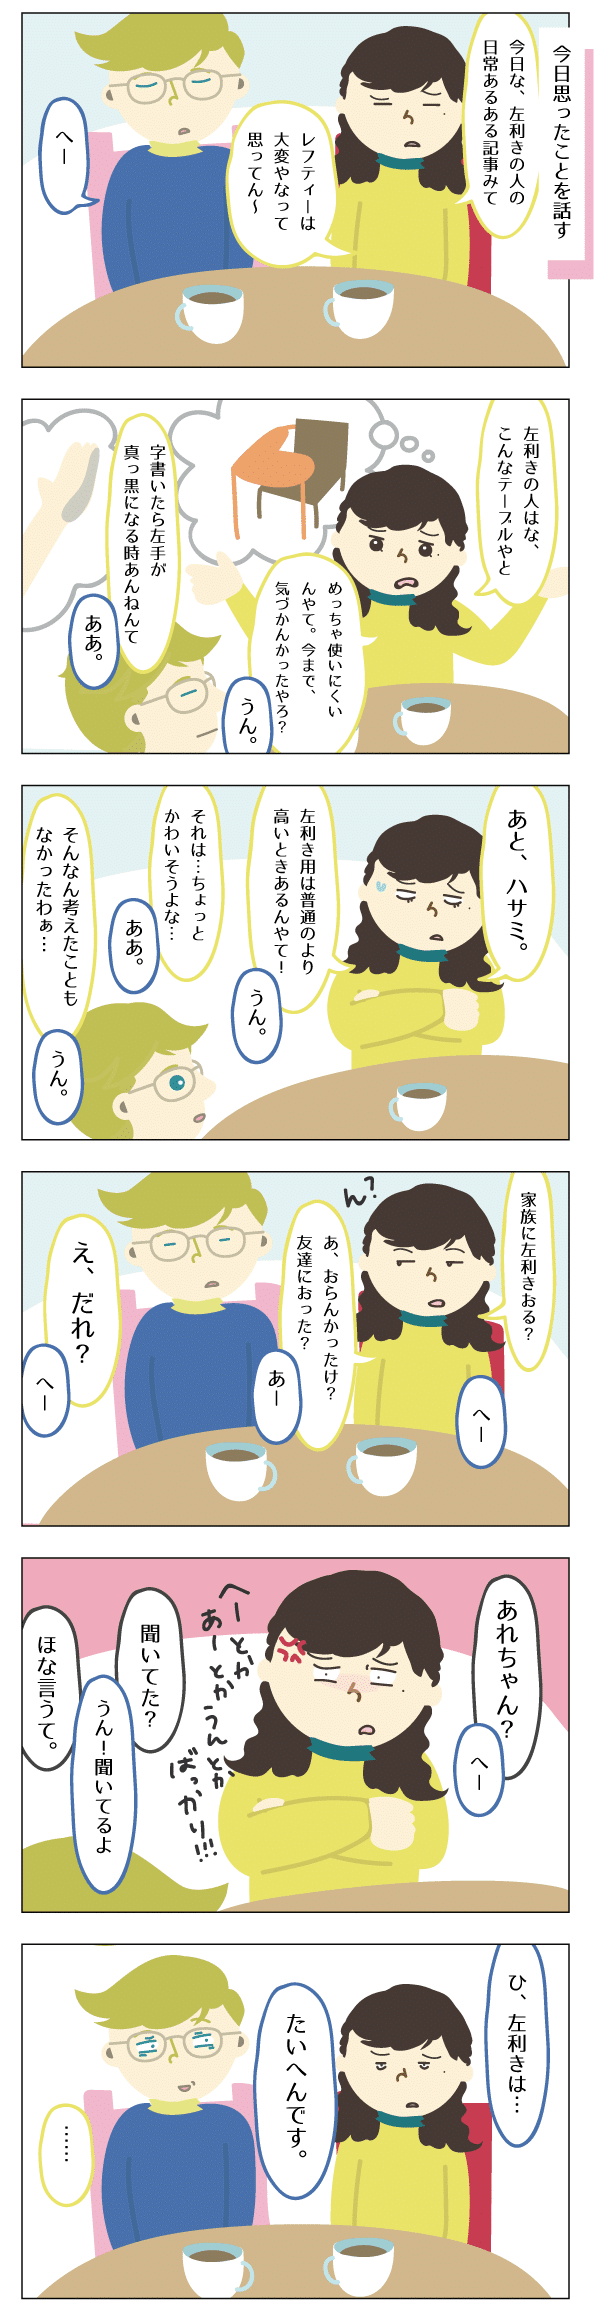 国際夫婦 会話